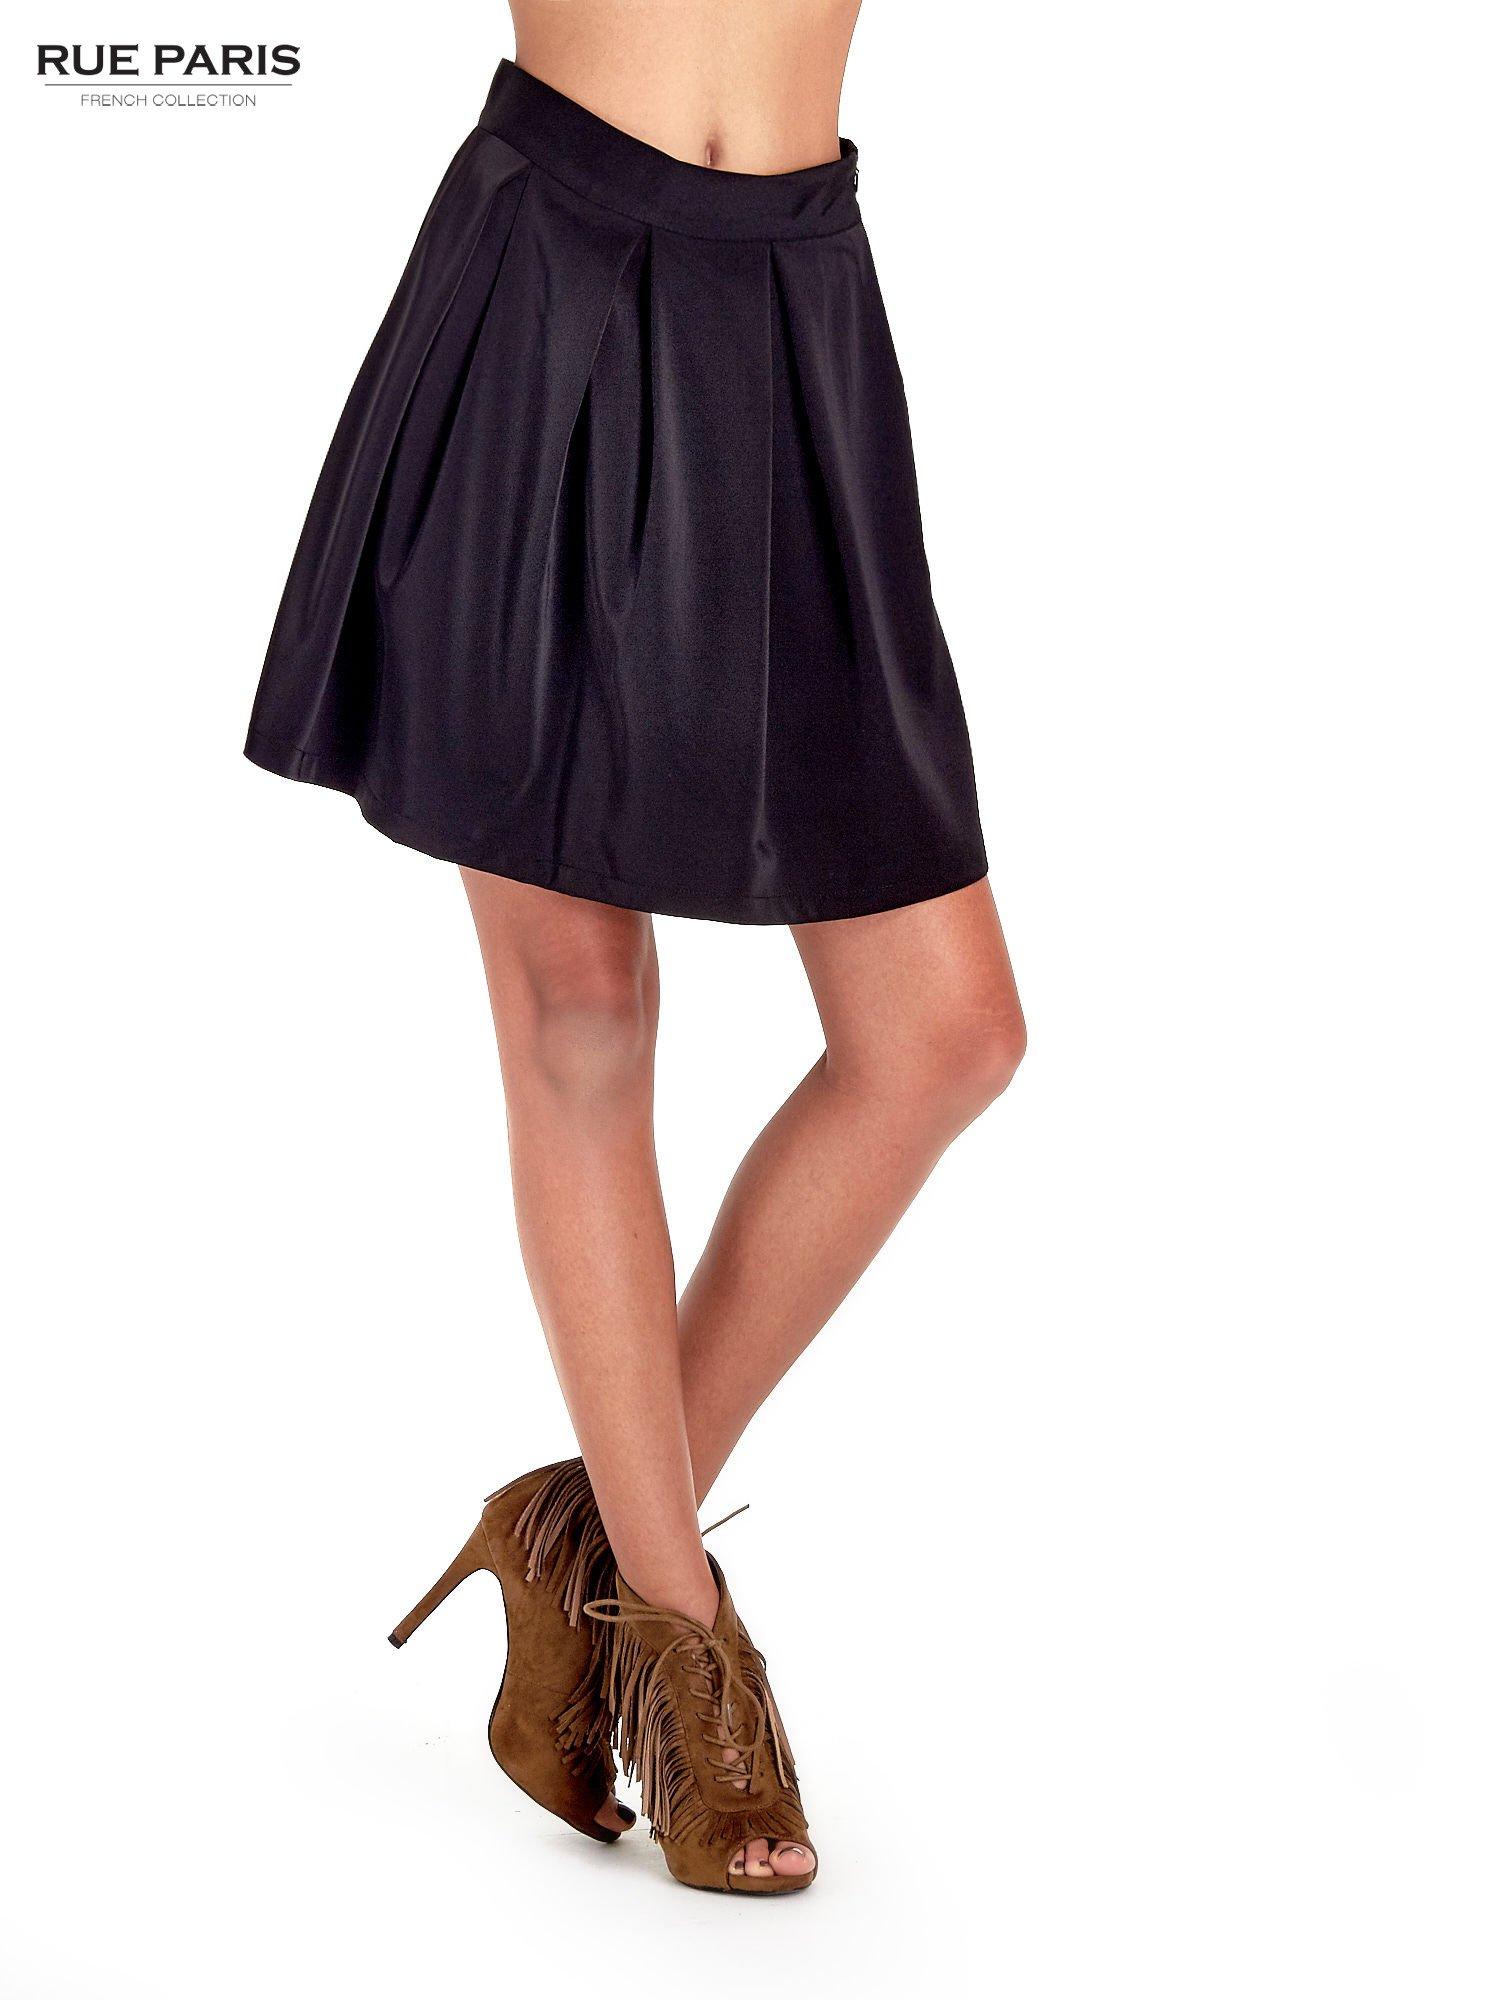 Czarna rozkloszowana spódnica z kontrafałdami                                  zdj.                                  1